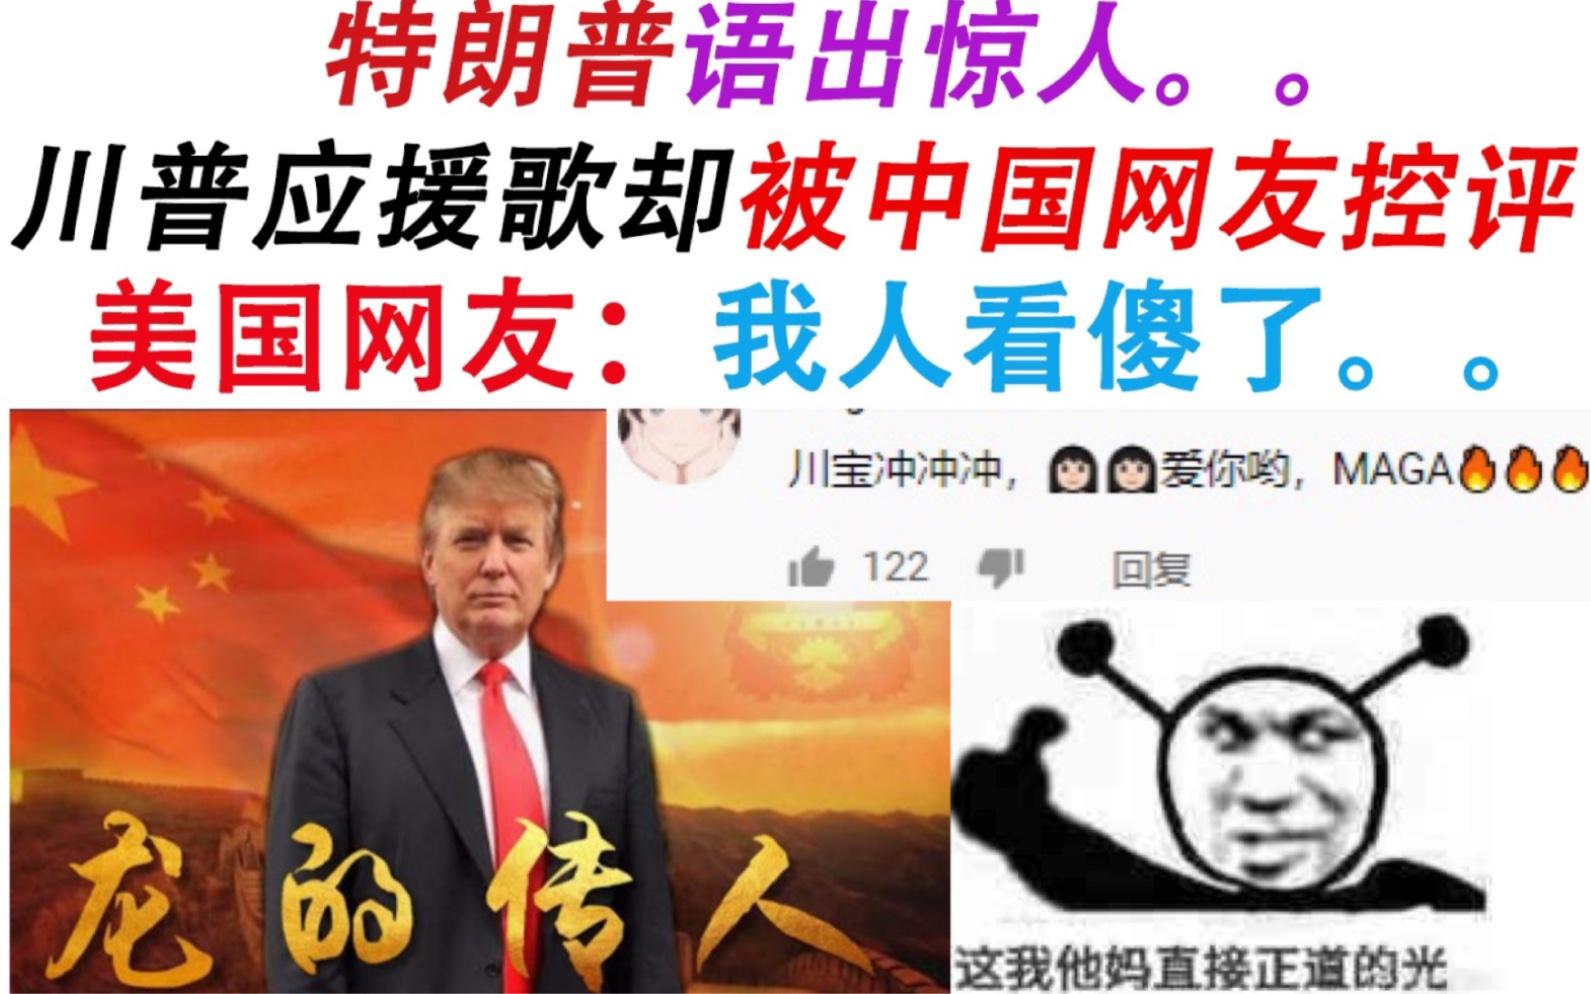 危!藏不住了!特朗普官方应援曲的评论区居然被中国网友占领!美国网友:我看懵了。。。